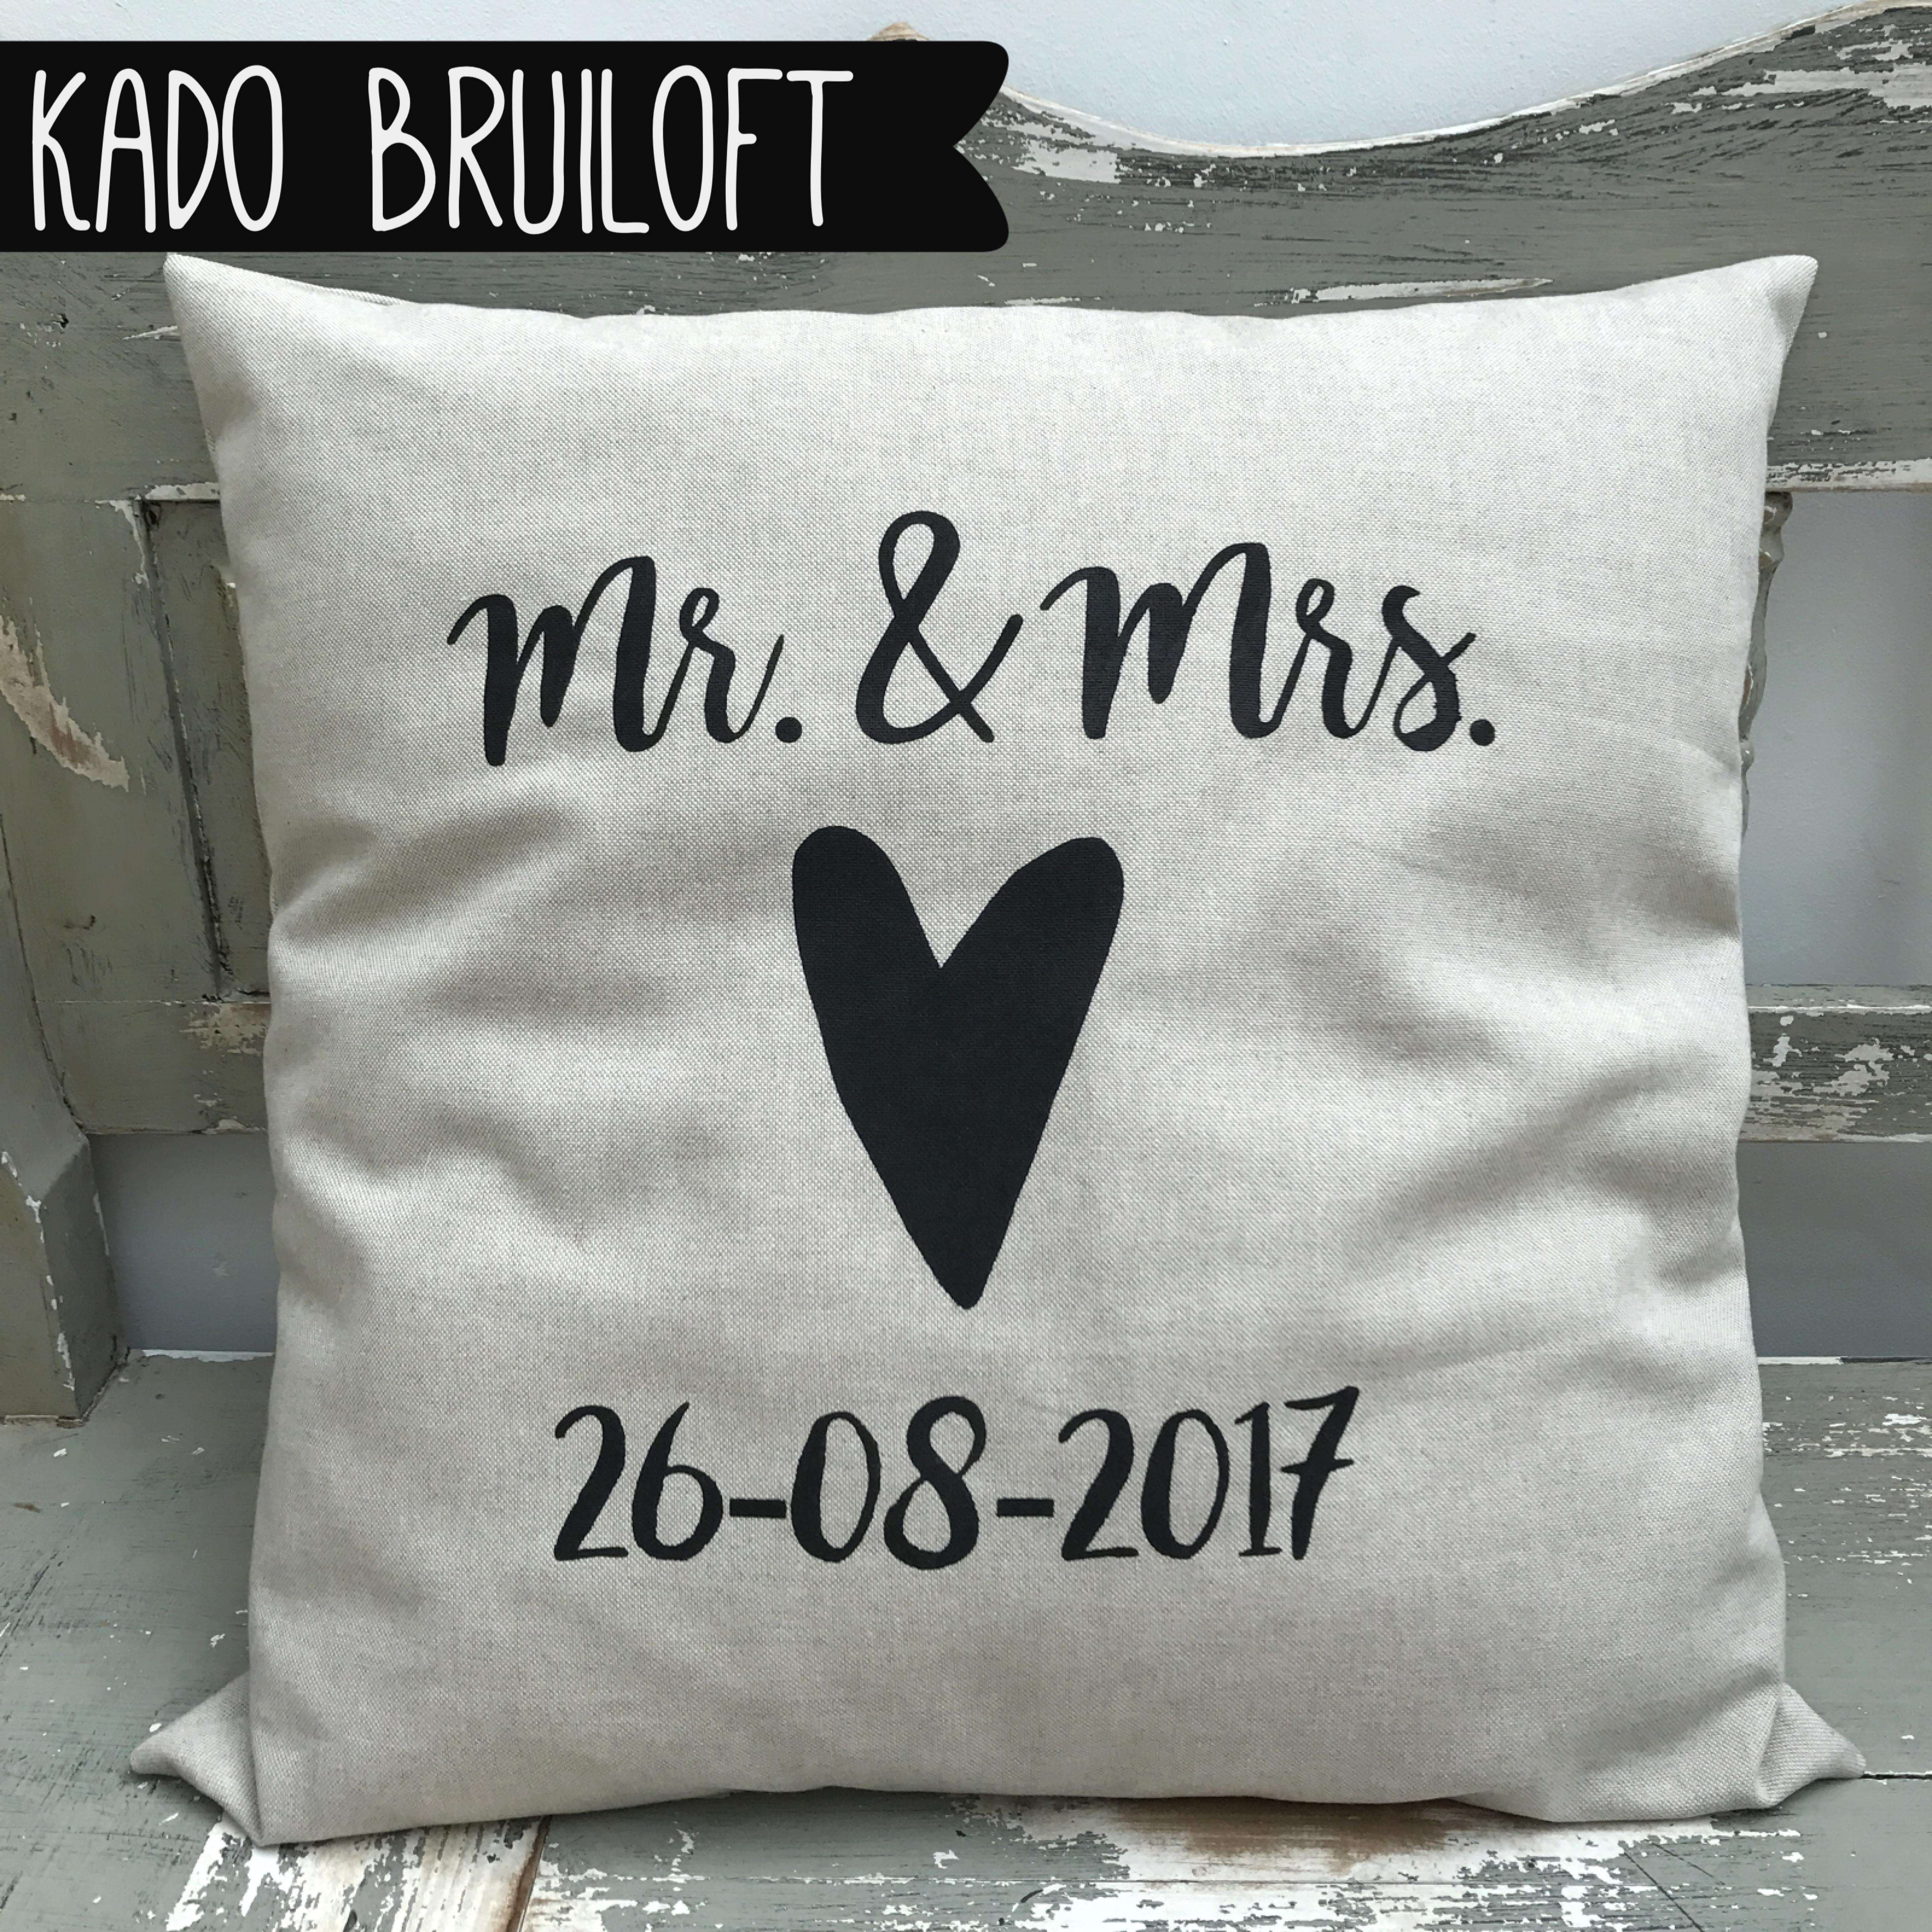 Kado Bruiloft Cadeau Jubileum Een Mooi Persoonlijk